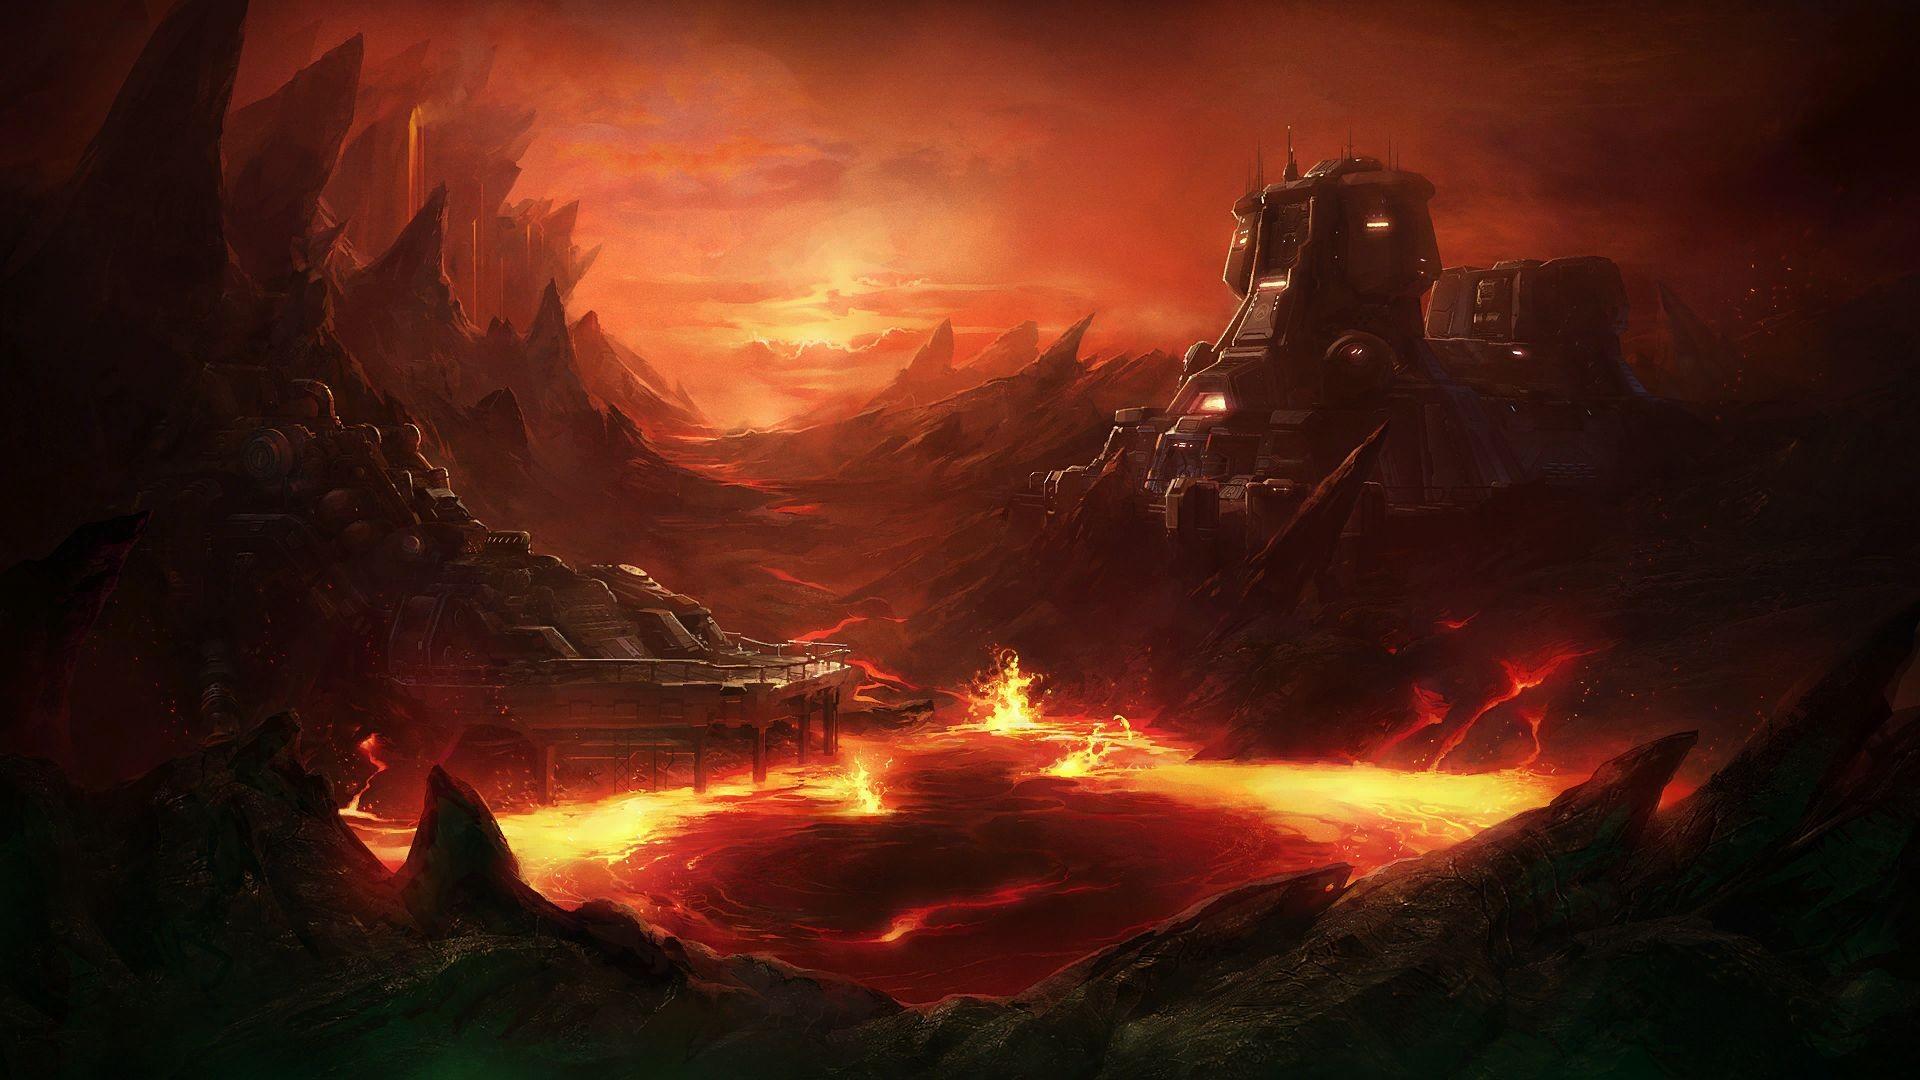 Drawn volcano sci fi StarCraft Drawing 1920x1080 wallpaper sci